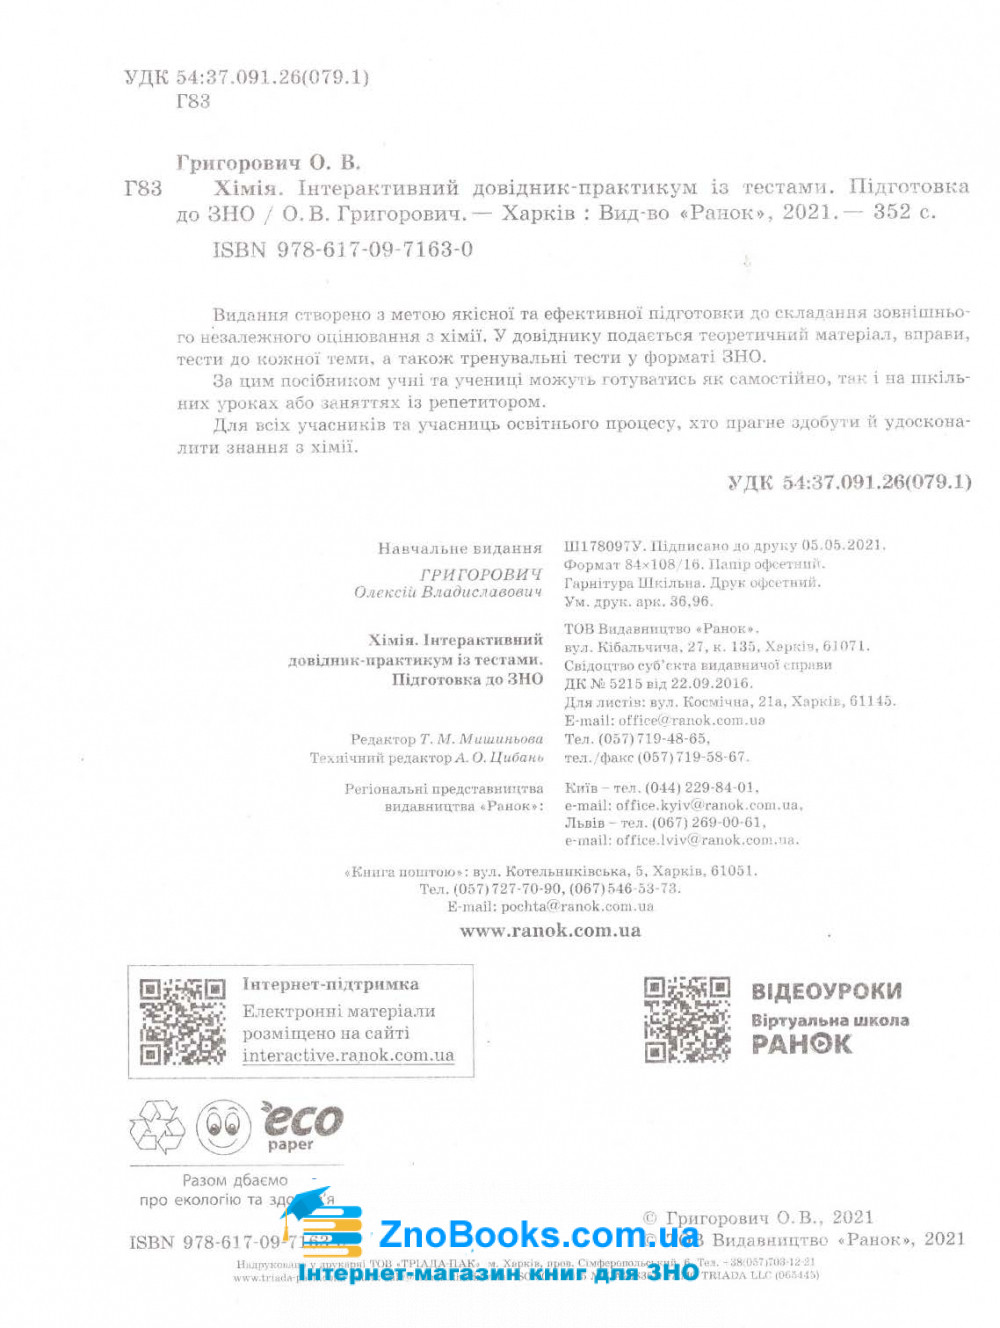 ХІМІЯ ЗНО 2022. ІНТЕРАКТИВНИЙДОВІДНИК-ПРАКТИКУМ : ГРИГОРОВИЧ. РАНОК КУПИТИ 2